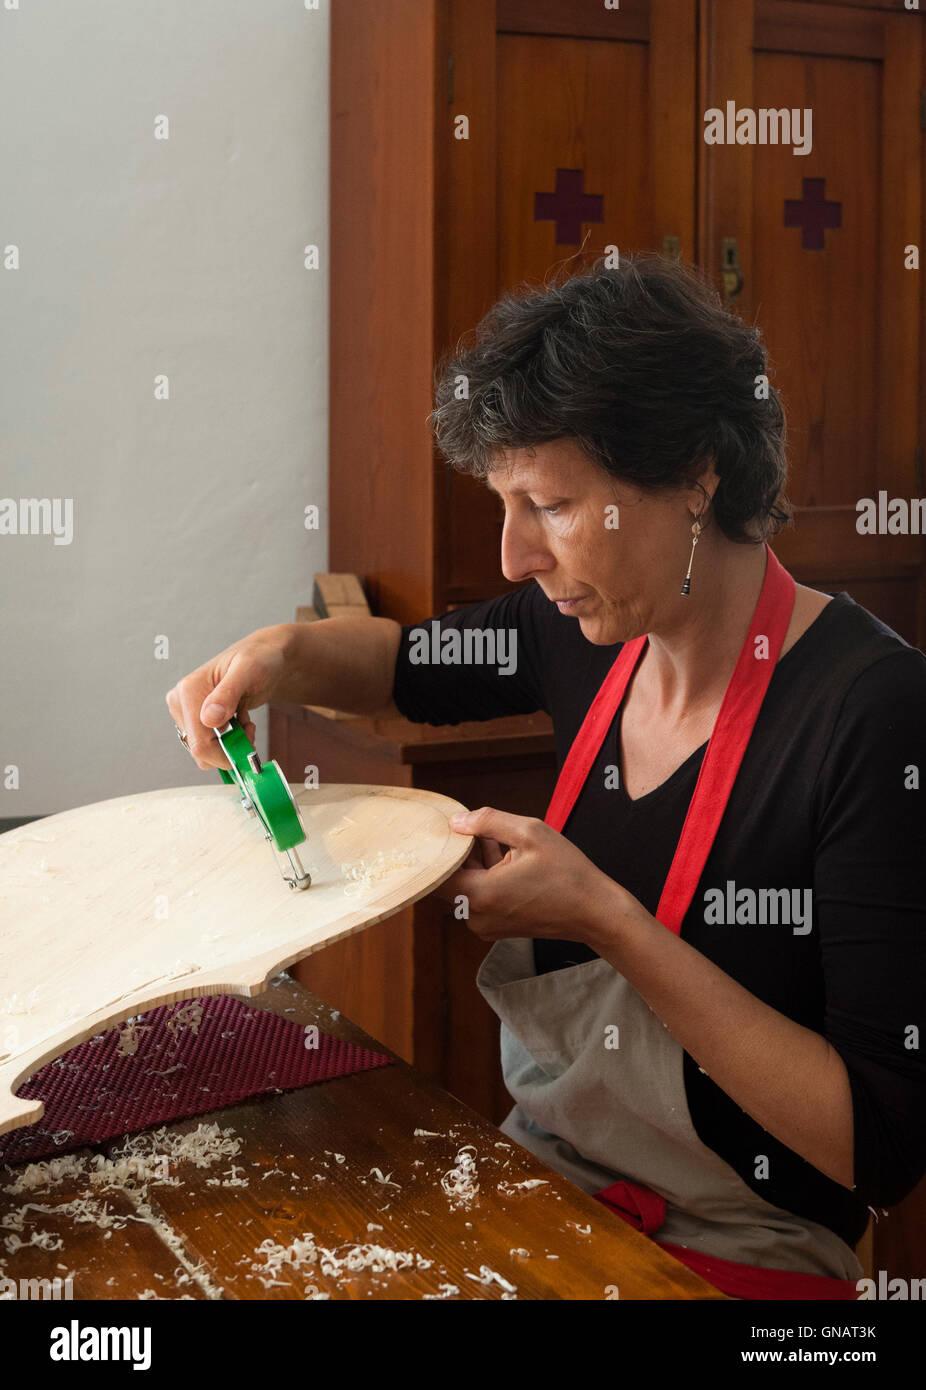 La Forêt de violons, de Paneveggio, Italie. Giovanna Chittò, luthier (luthier), de mesure du bois pour un violoncelle Banque D'Images